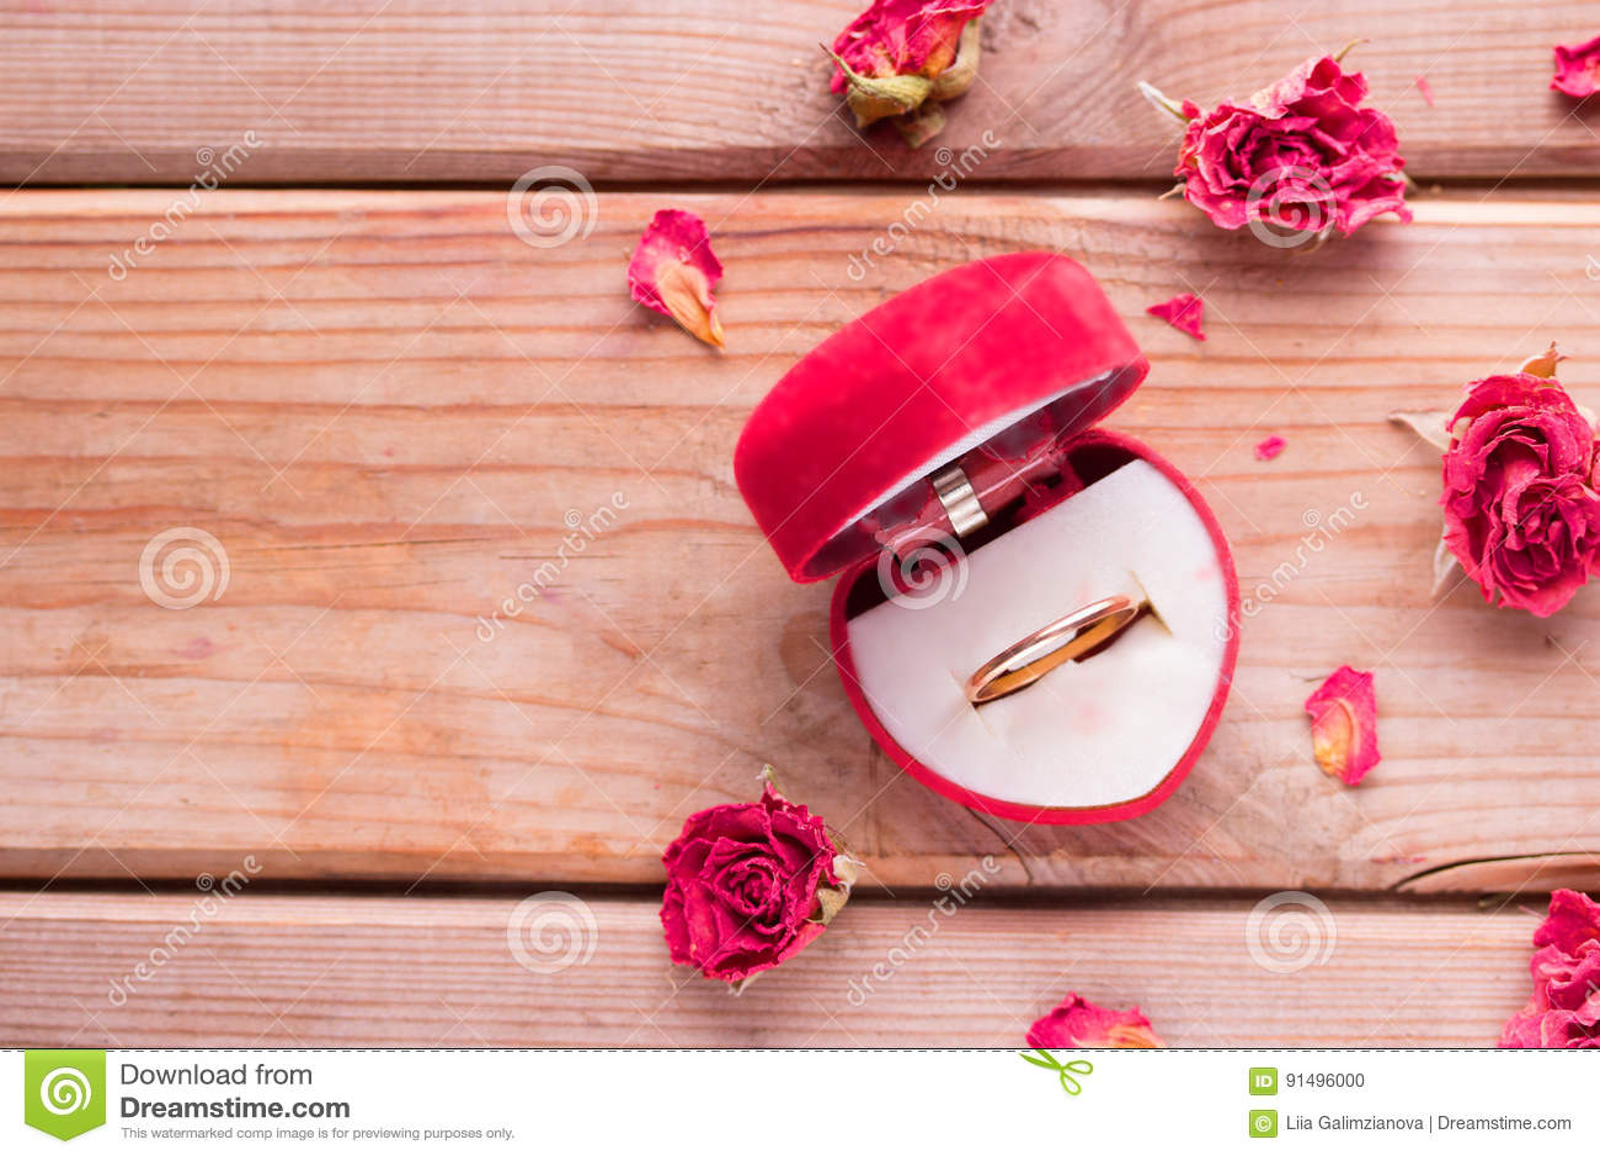 Anel de noivado dourado em uma caixa dada forma coração